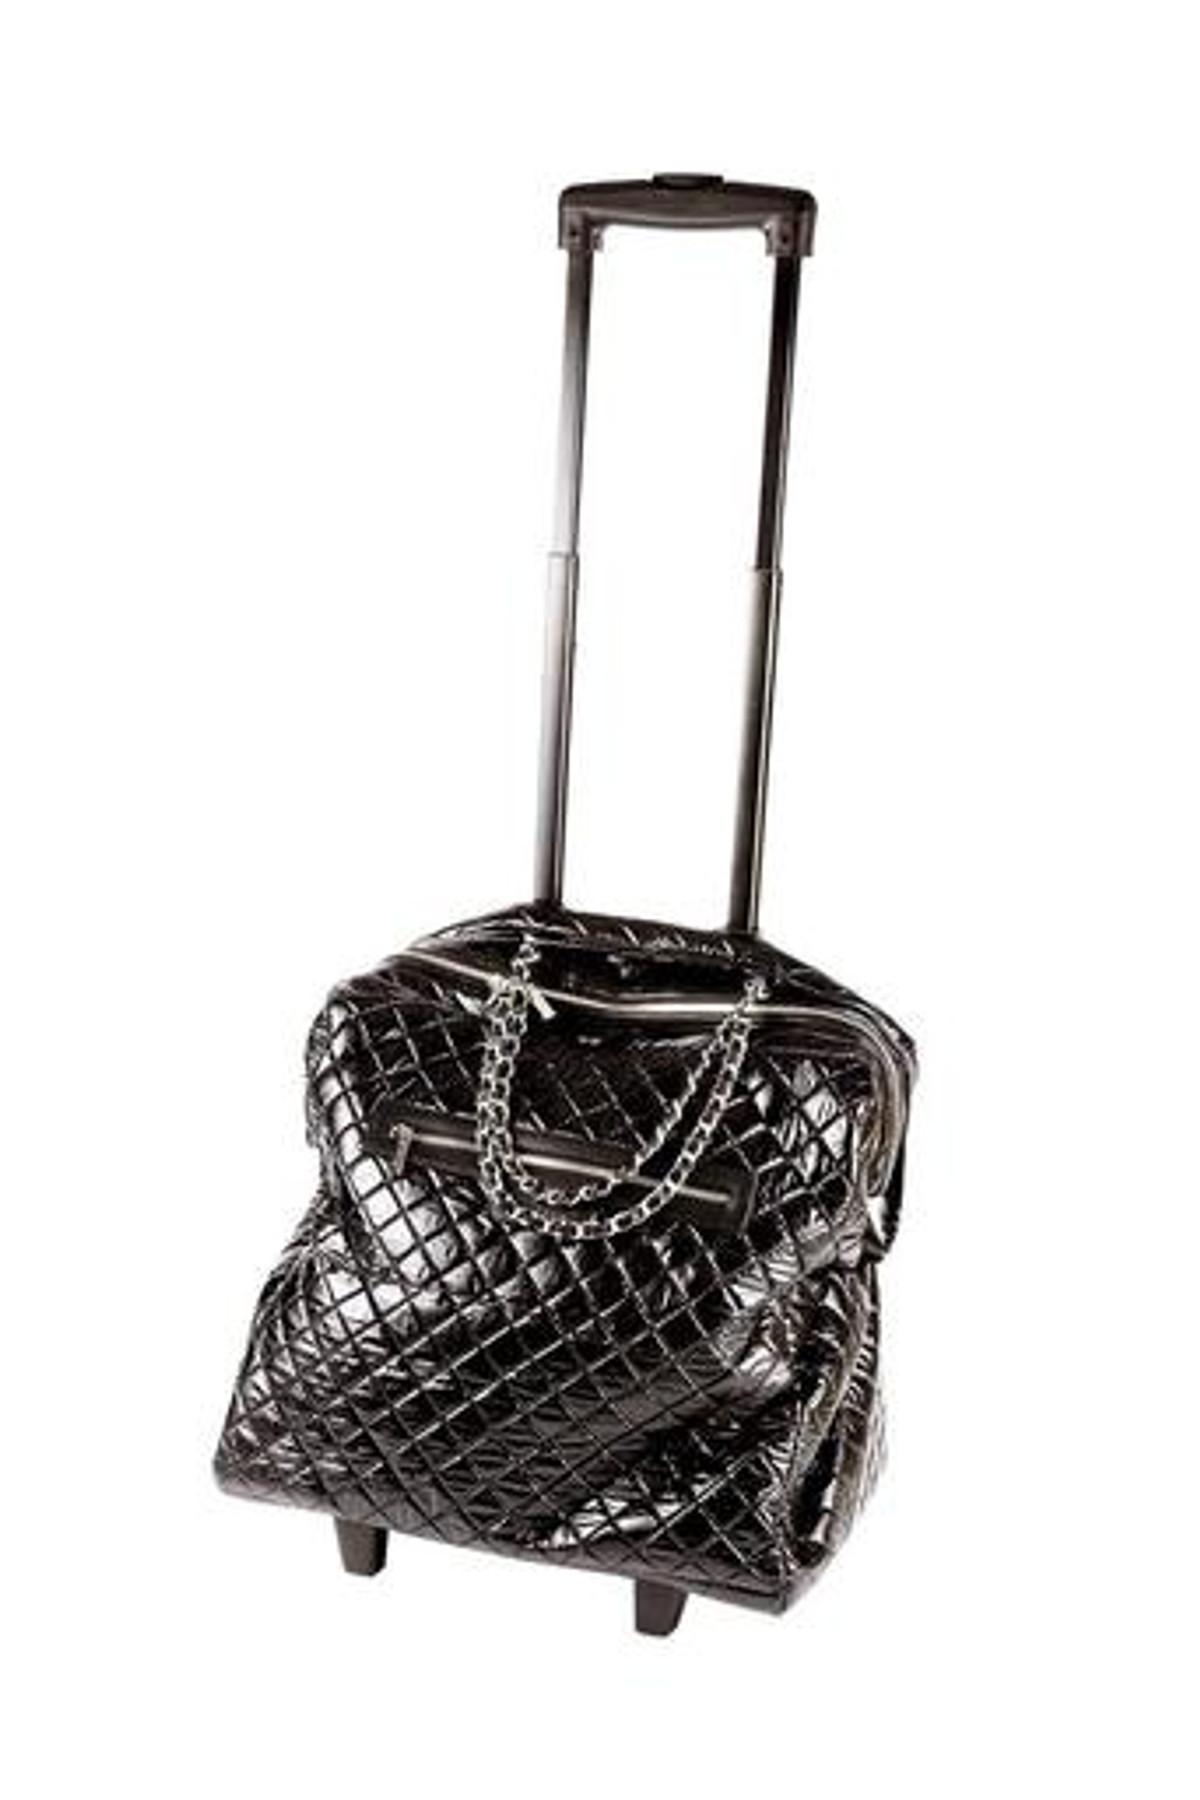 Vito Travel Bag in Black